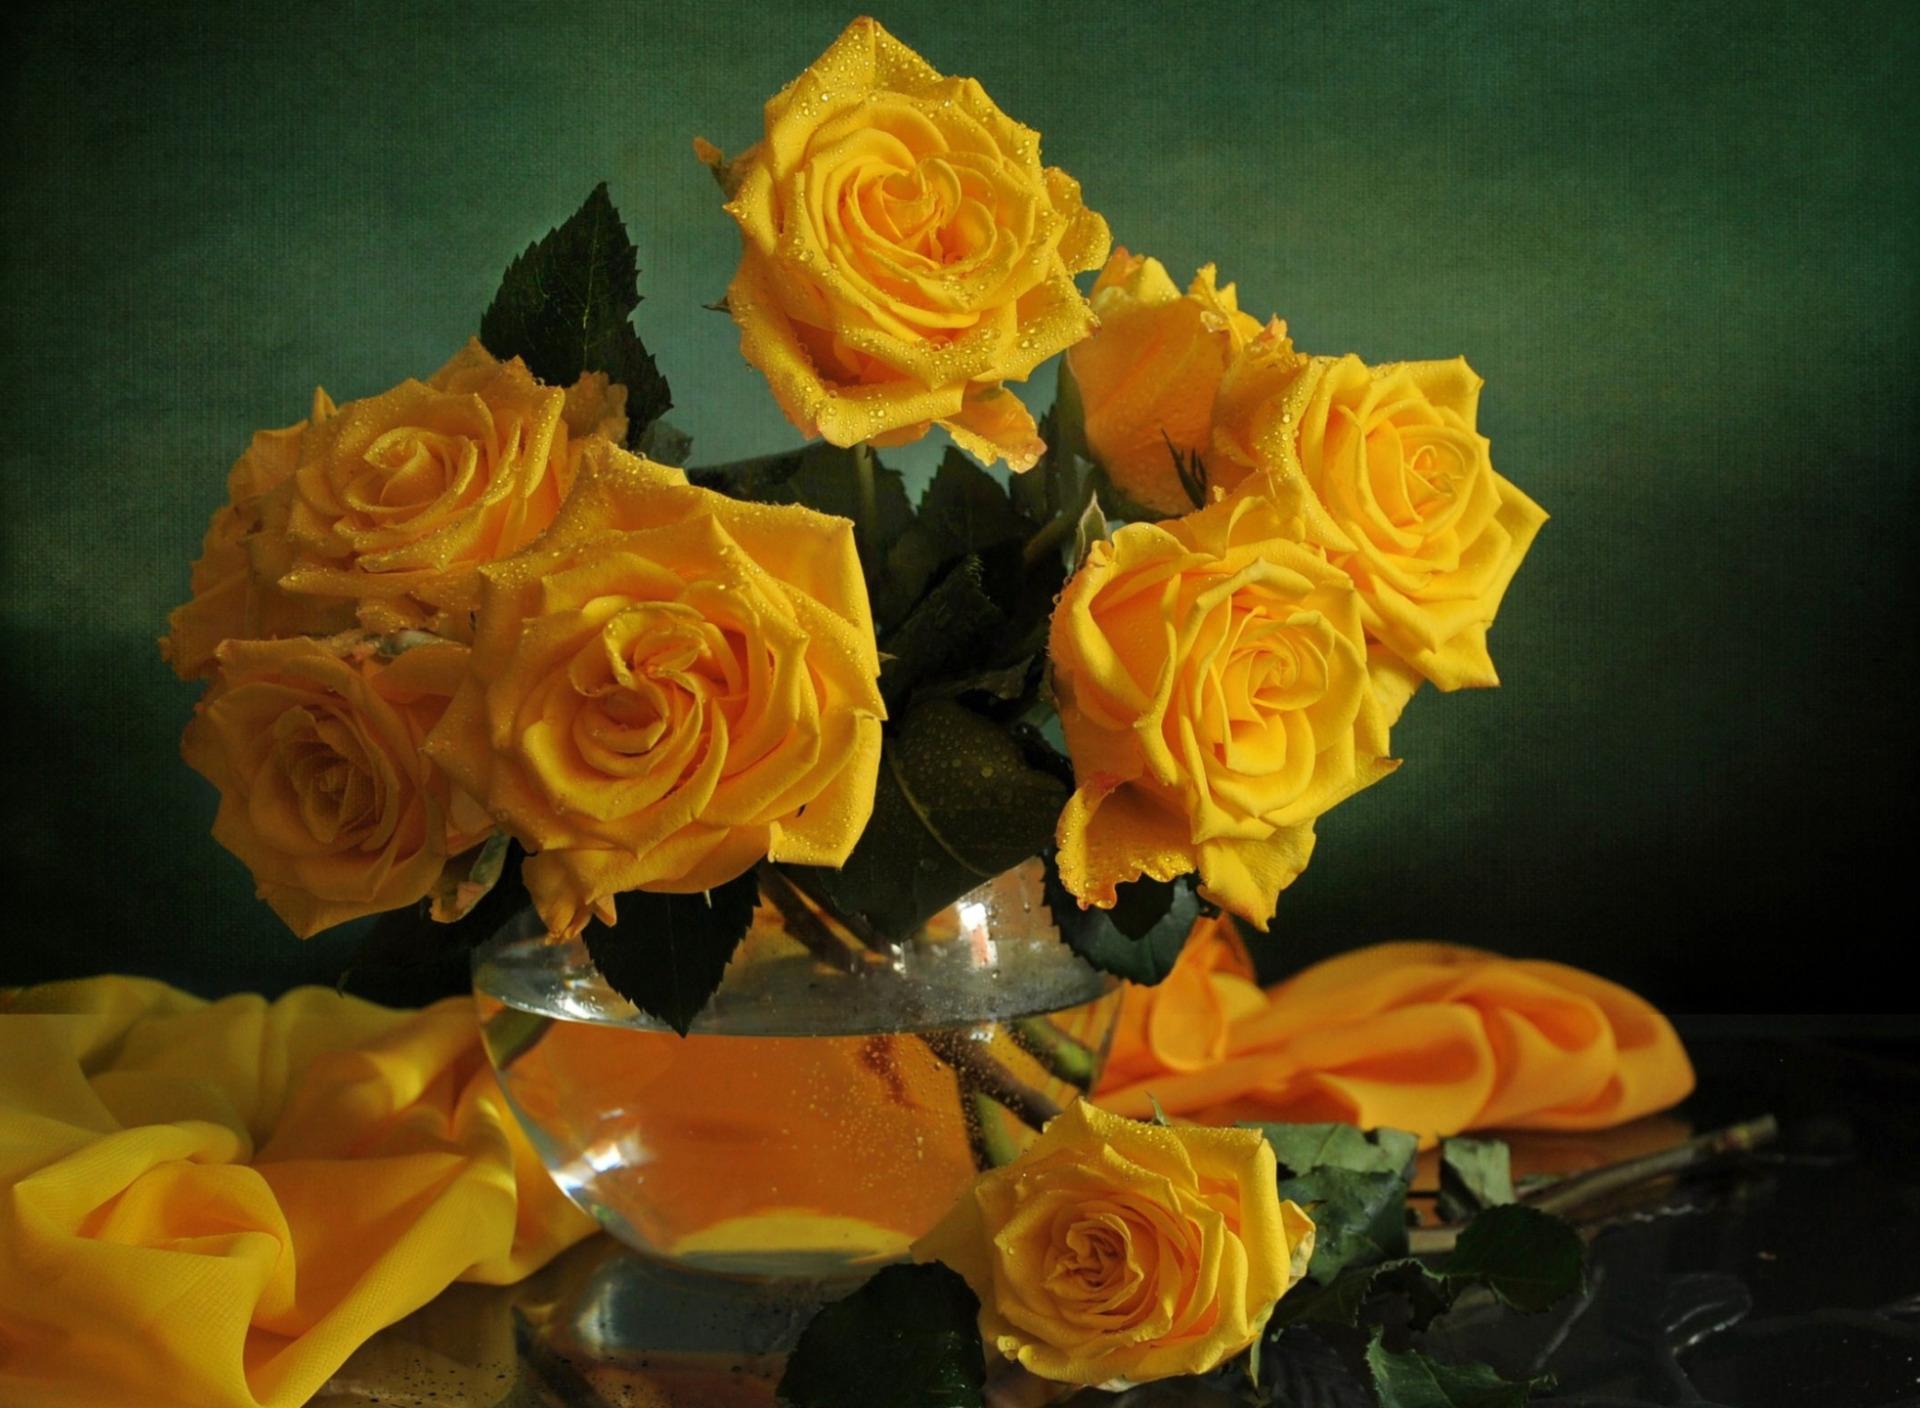 букет желтых роз фото анимационные возможно права